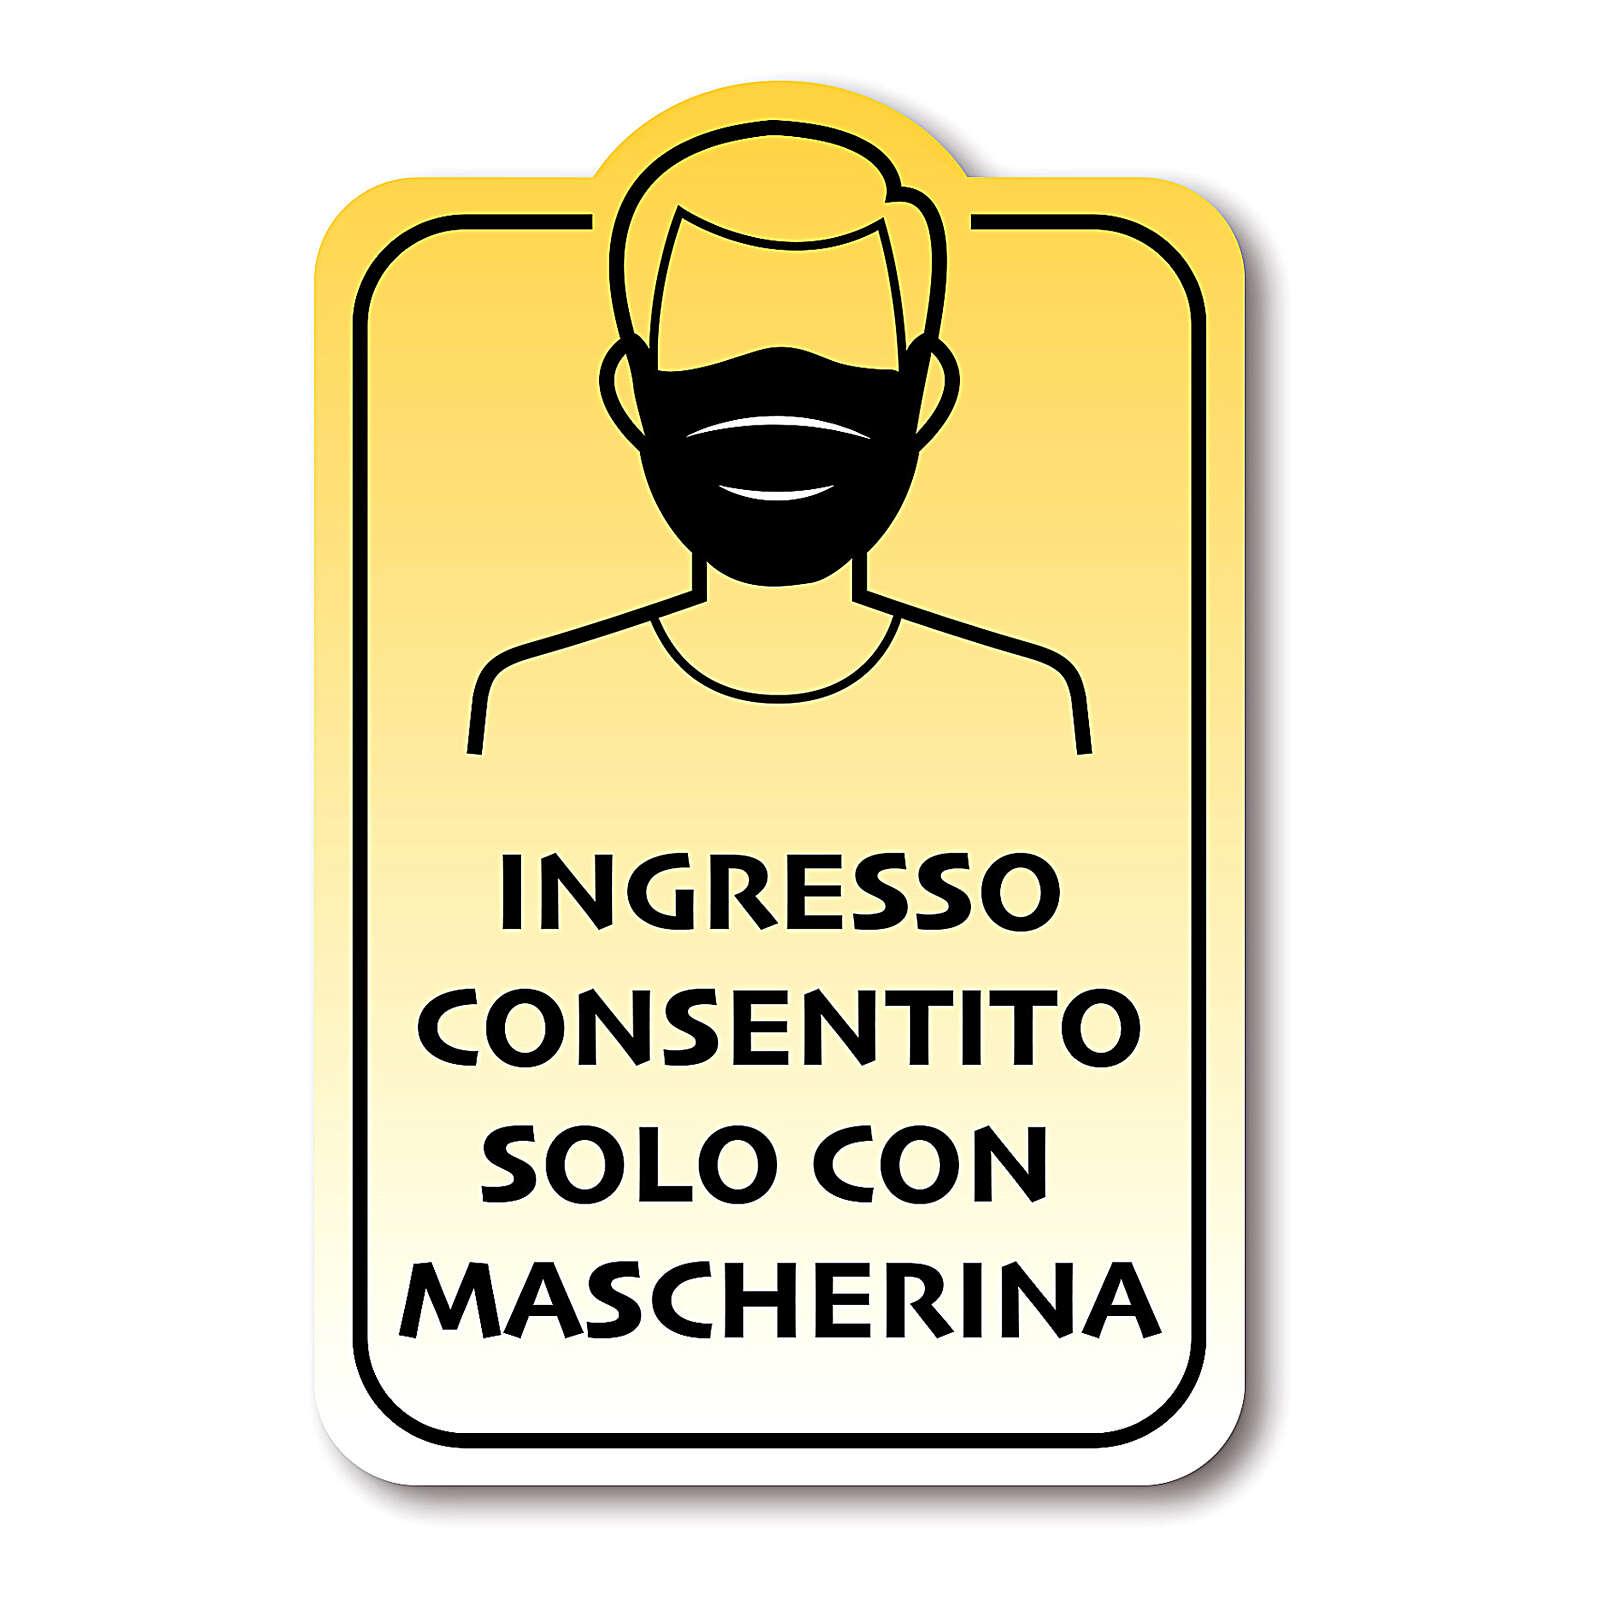 Adesivi removibili 4 PZ - INGRESSO CONSENTITO MASCHERINA 3